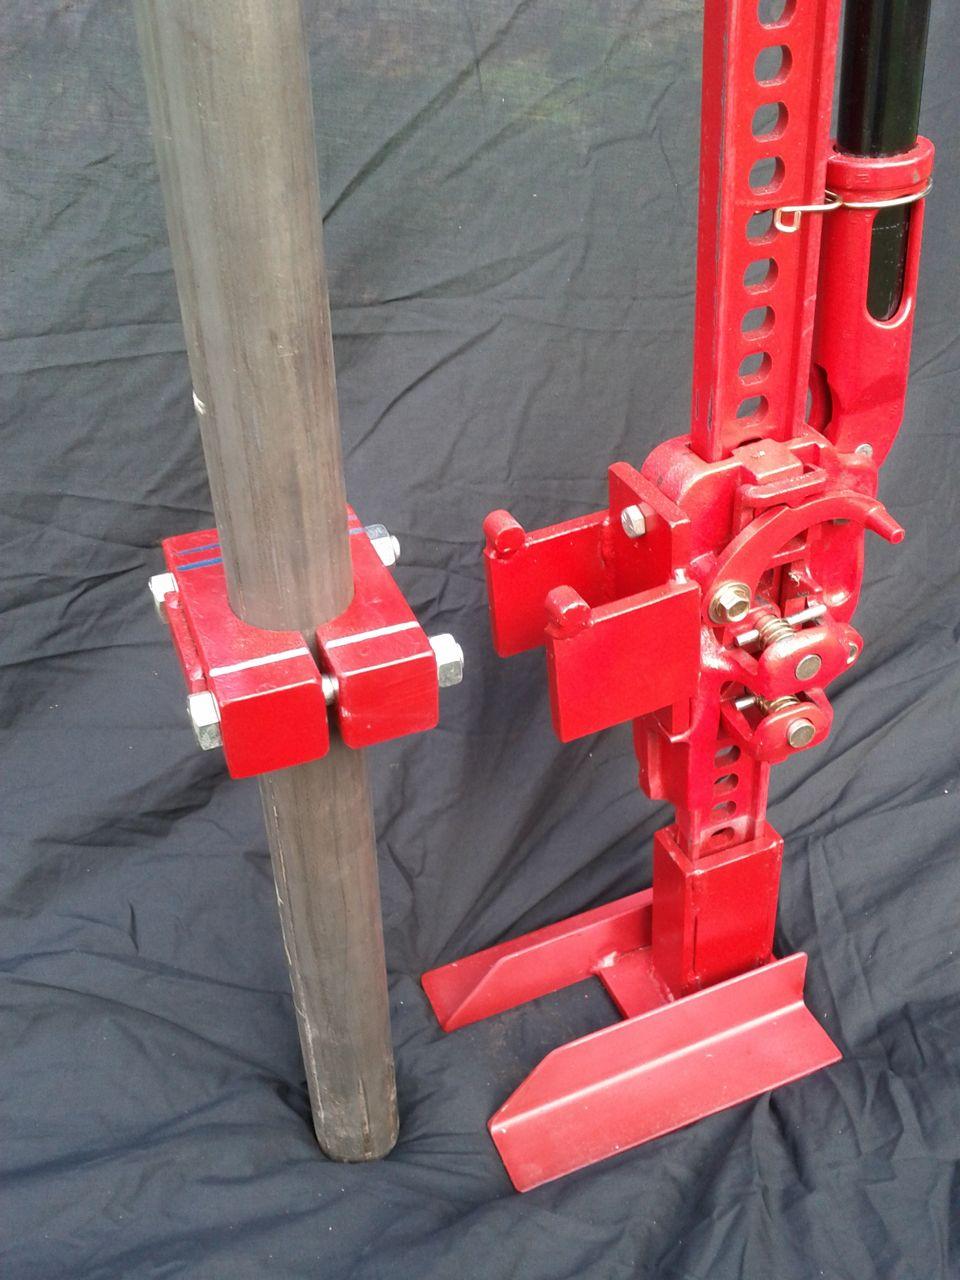 hilift puller together